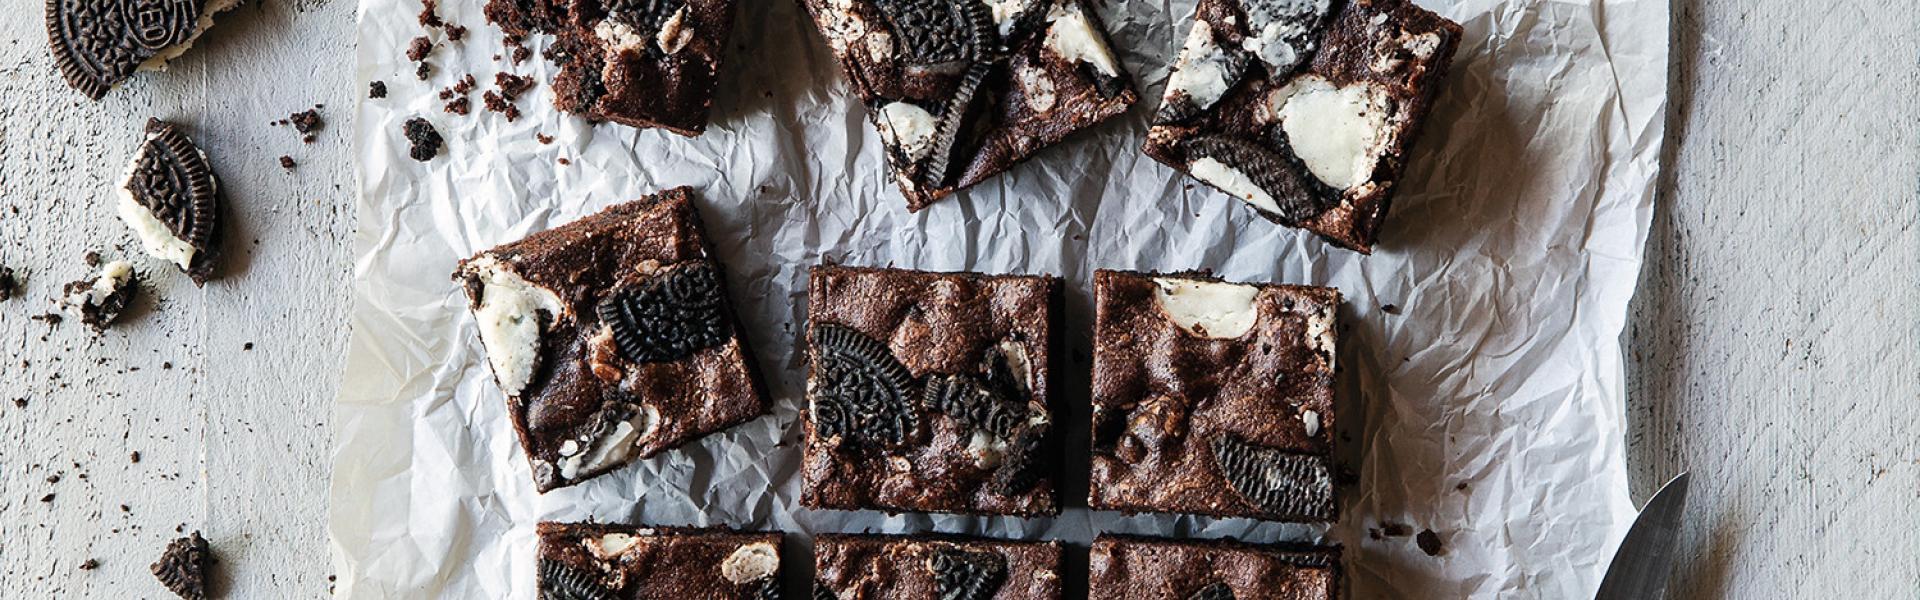 Oreo-Brownies geschnitten auf einem Stück Backpapier.